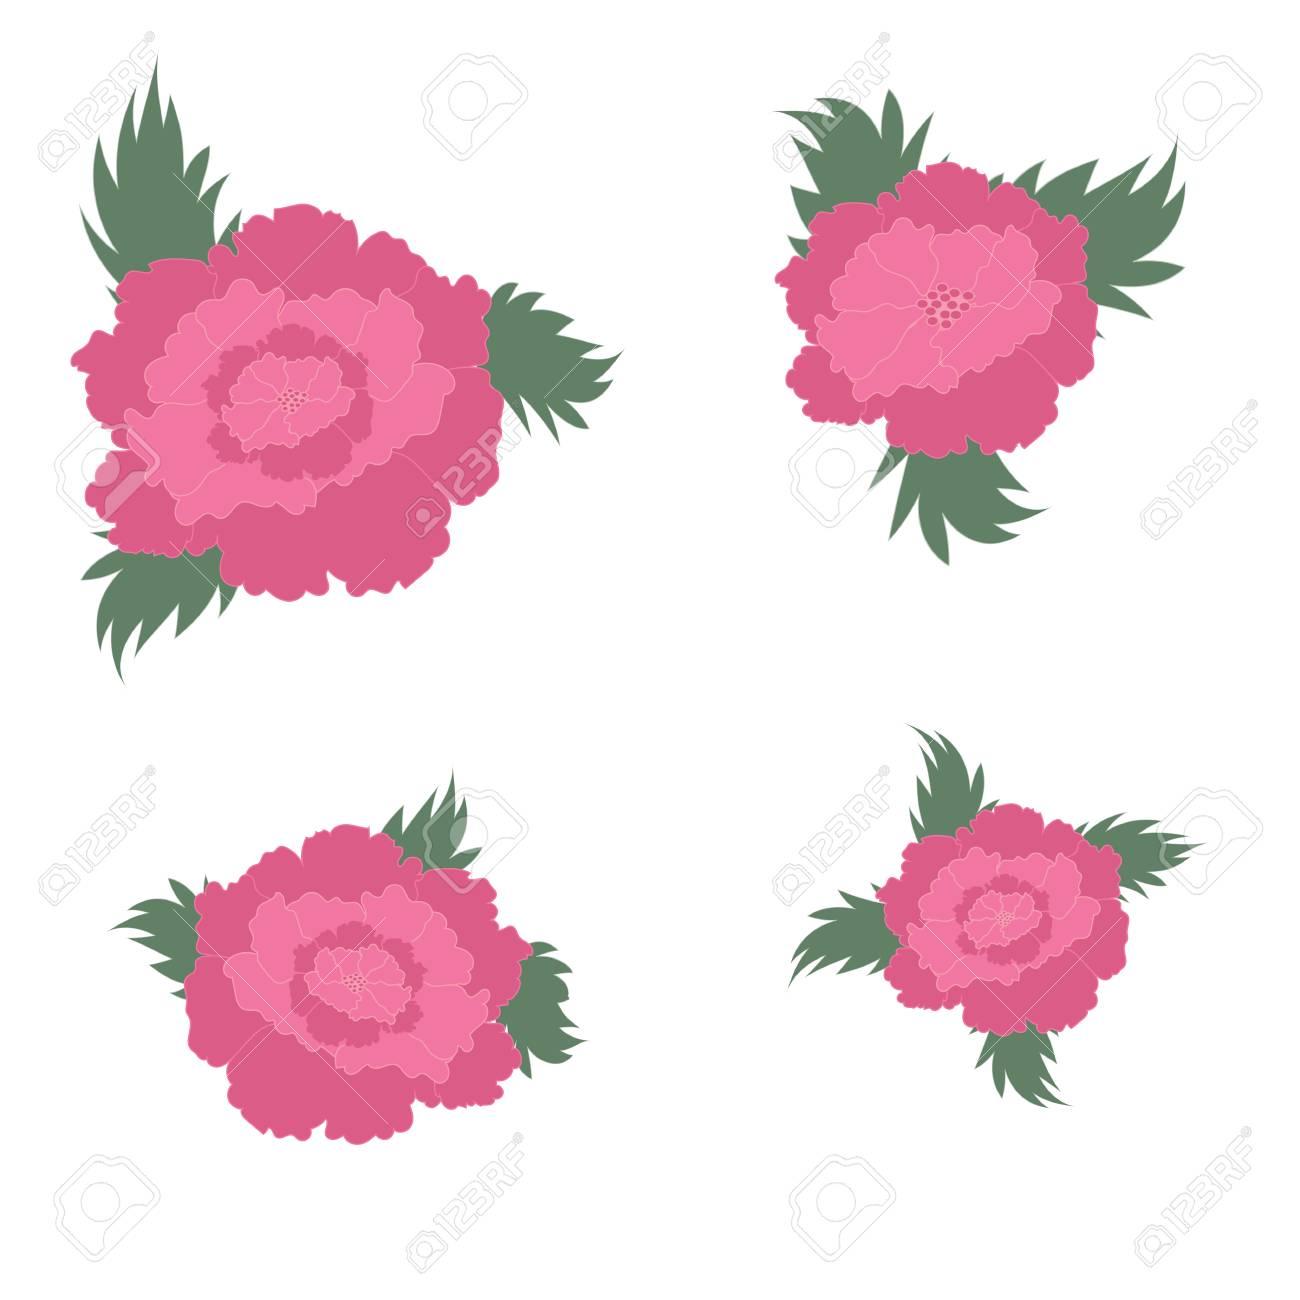 Rosa Pfingstrose Mit Blättern Auf Einem Weißen Hintergrund Hintergrund Hochzeit  Einladung Geburtstag Veterans Day Day Valentinstag